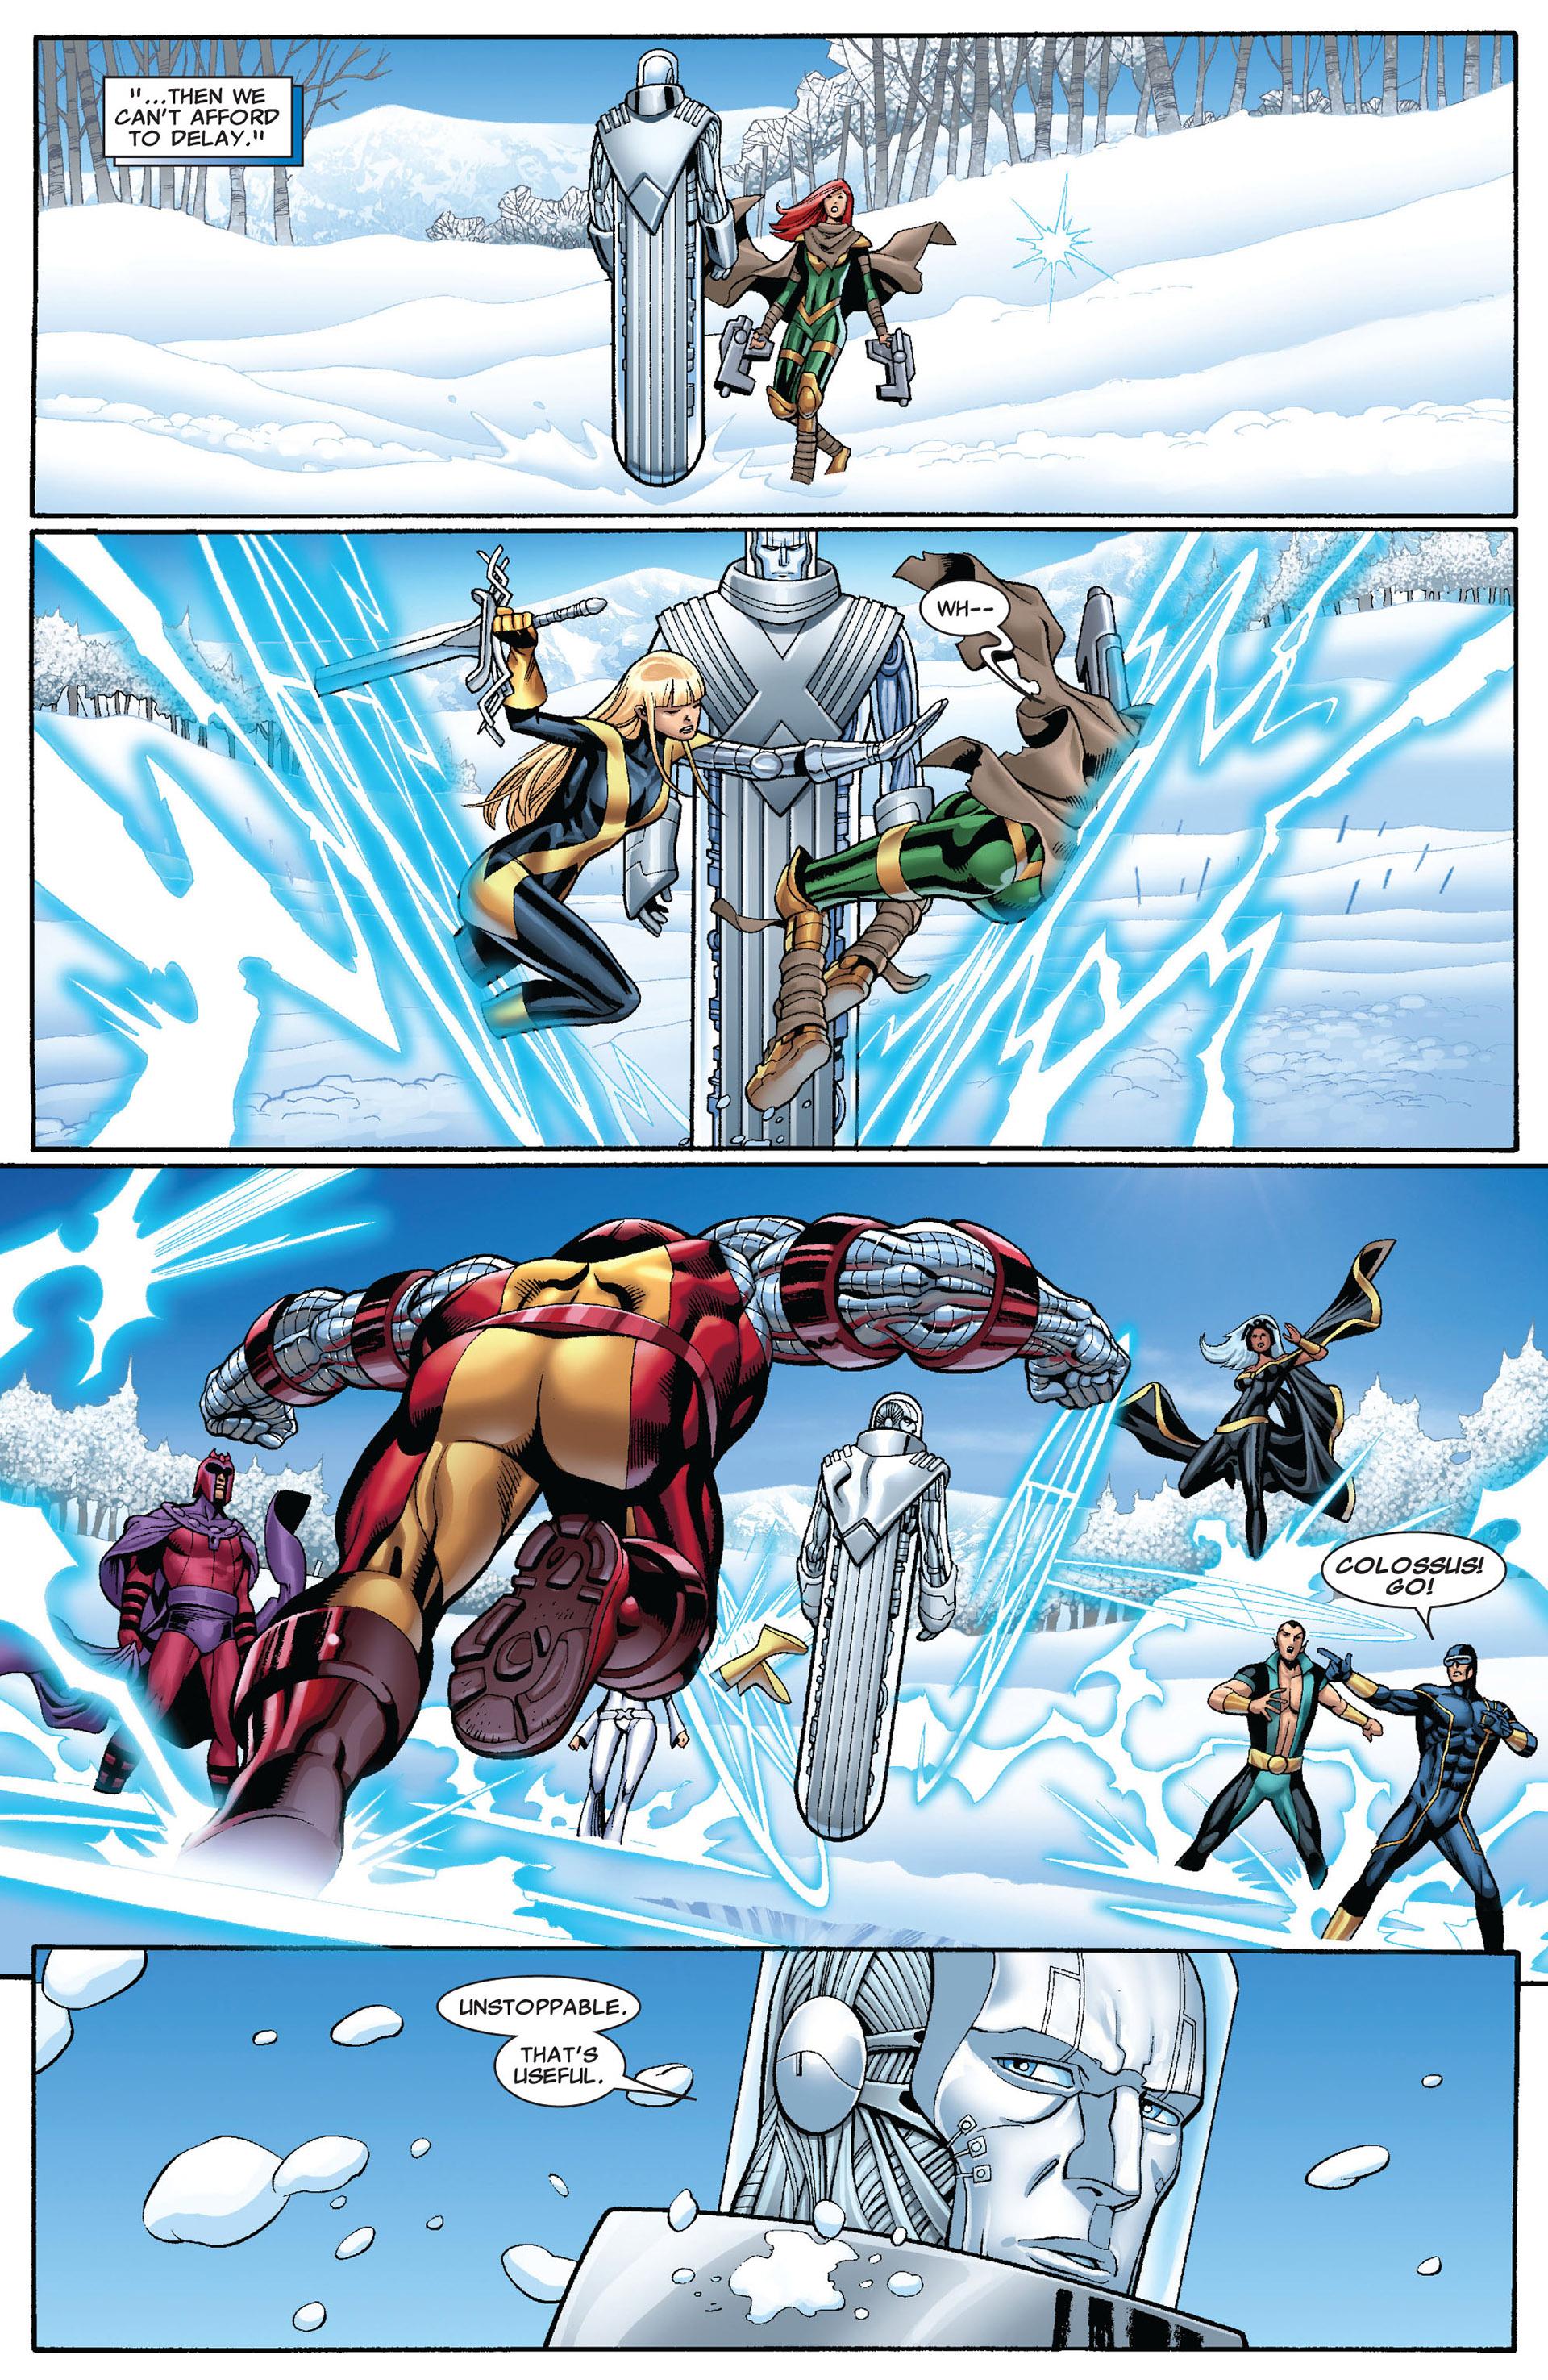 Read online Uncanny X-Men (2012) comic -  Issue #10 - 5